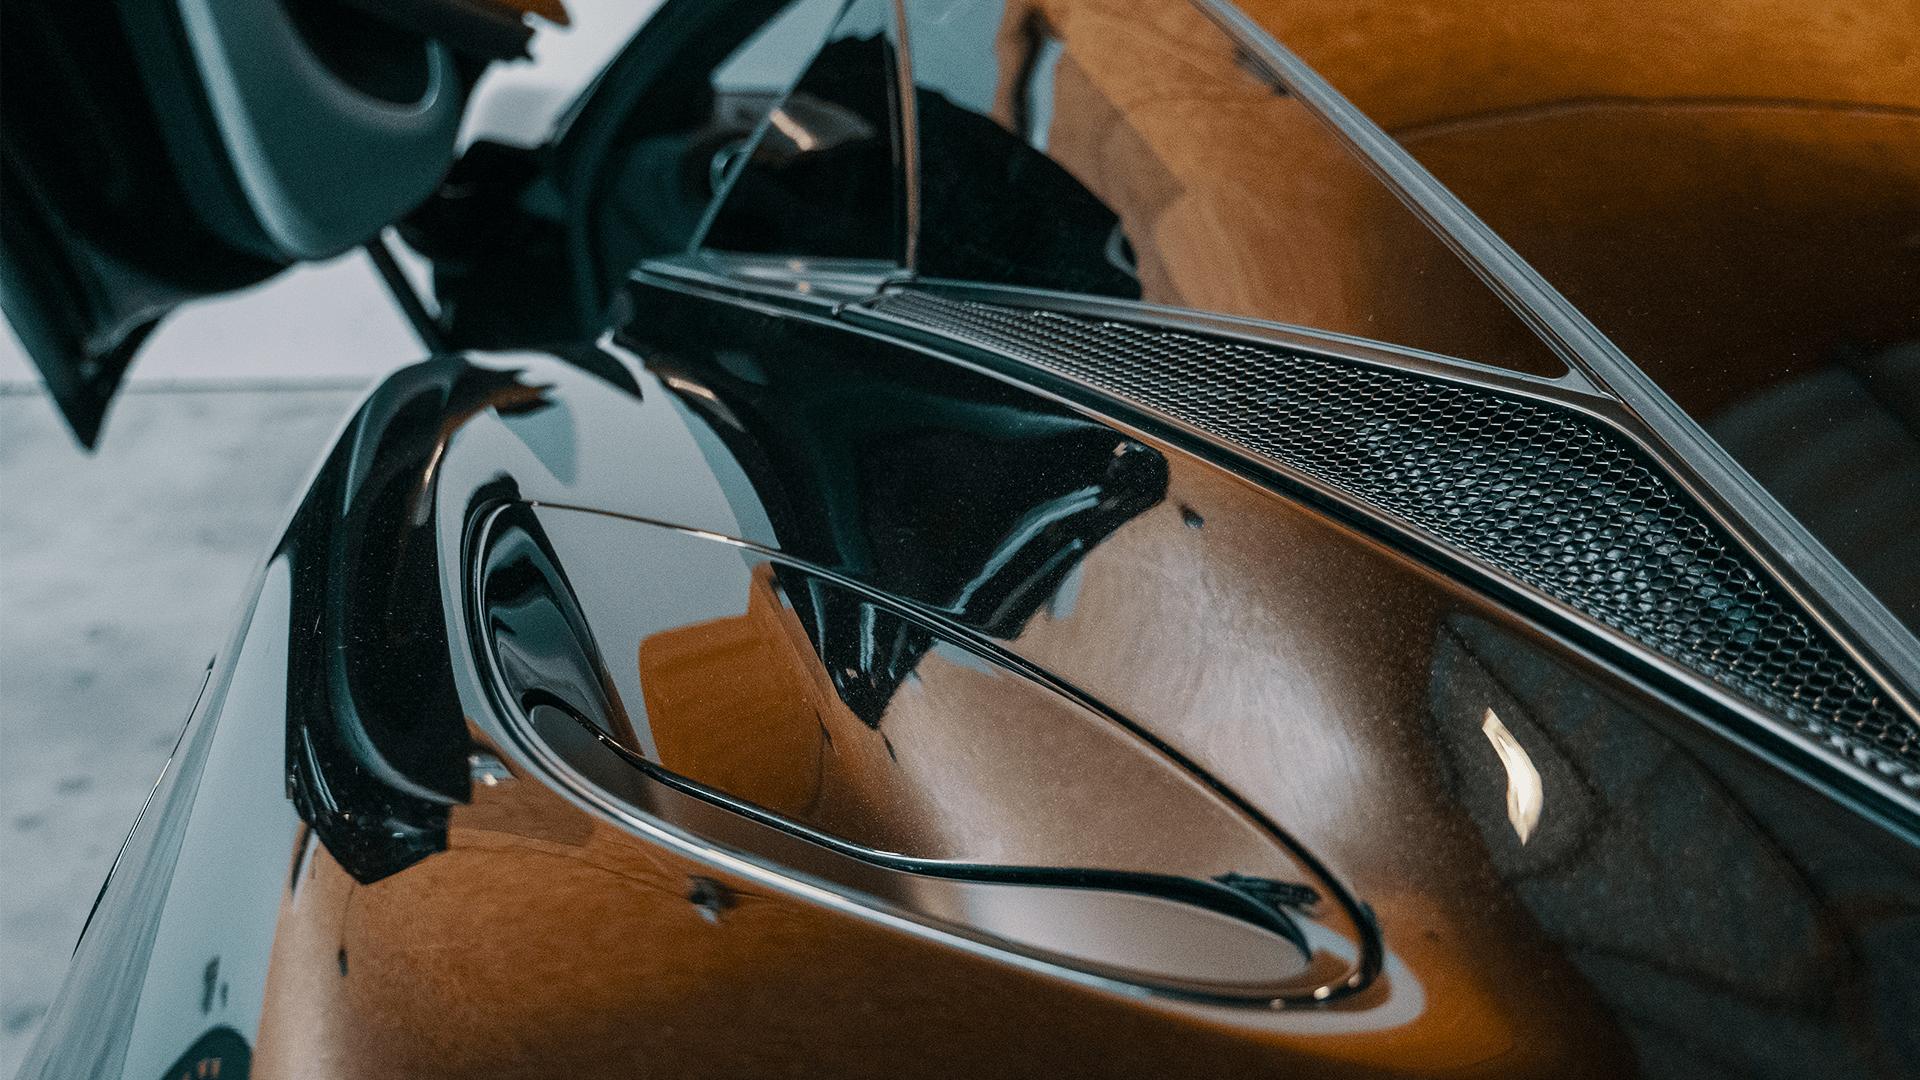 McLaren GT - Details